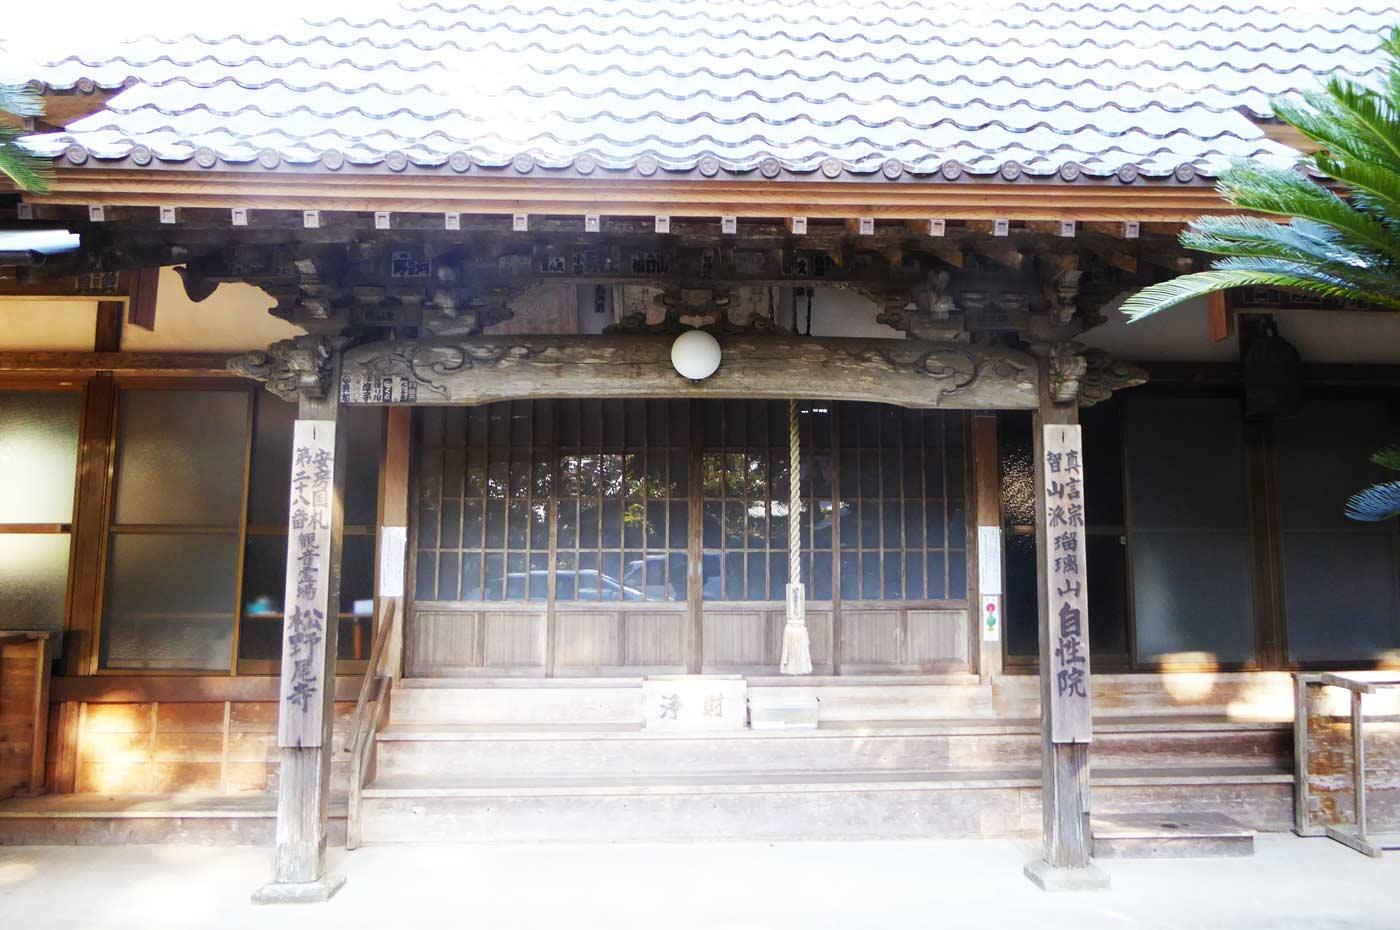 松野尾寺の本堂の写真